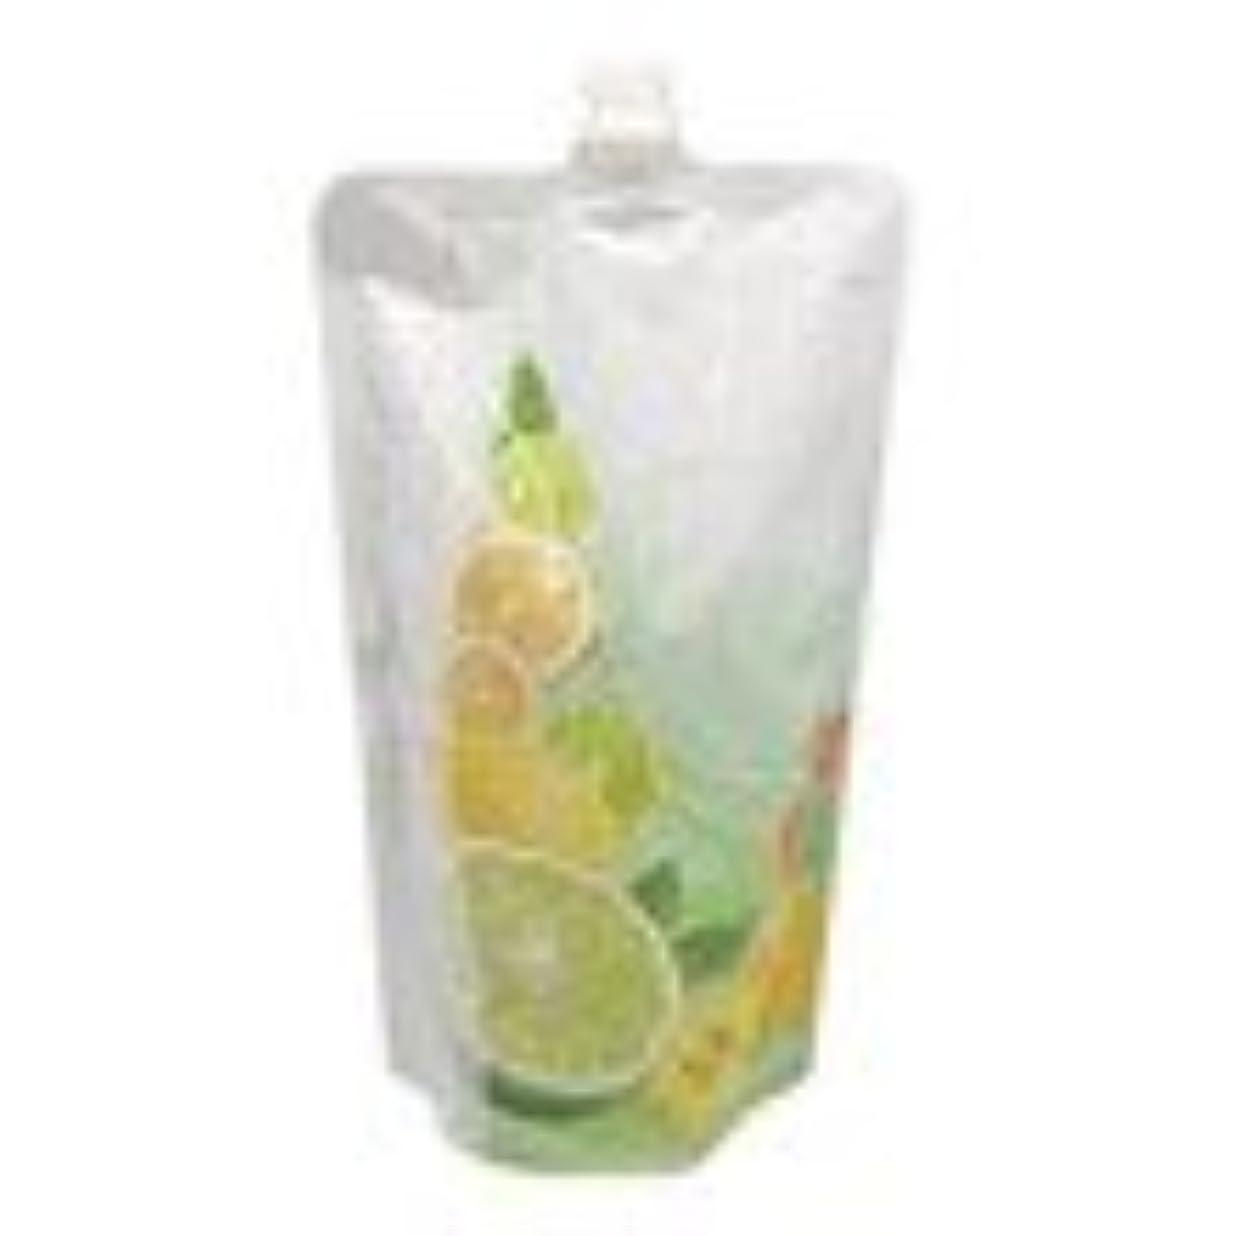 感謝しているシンボルオレンジコーナン オリジナル Purely Moist ボディソープ シトラスの香り つめかえ用 1000ml